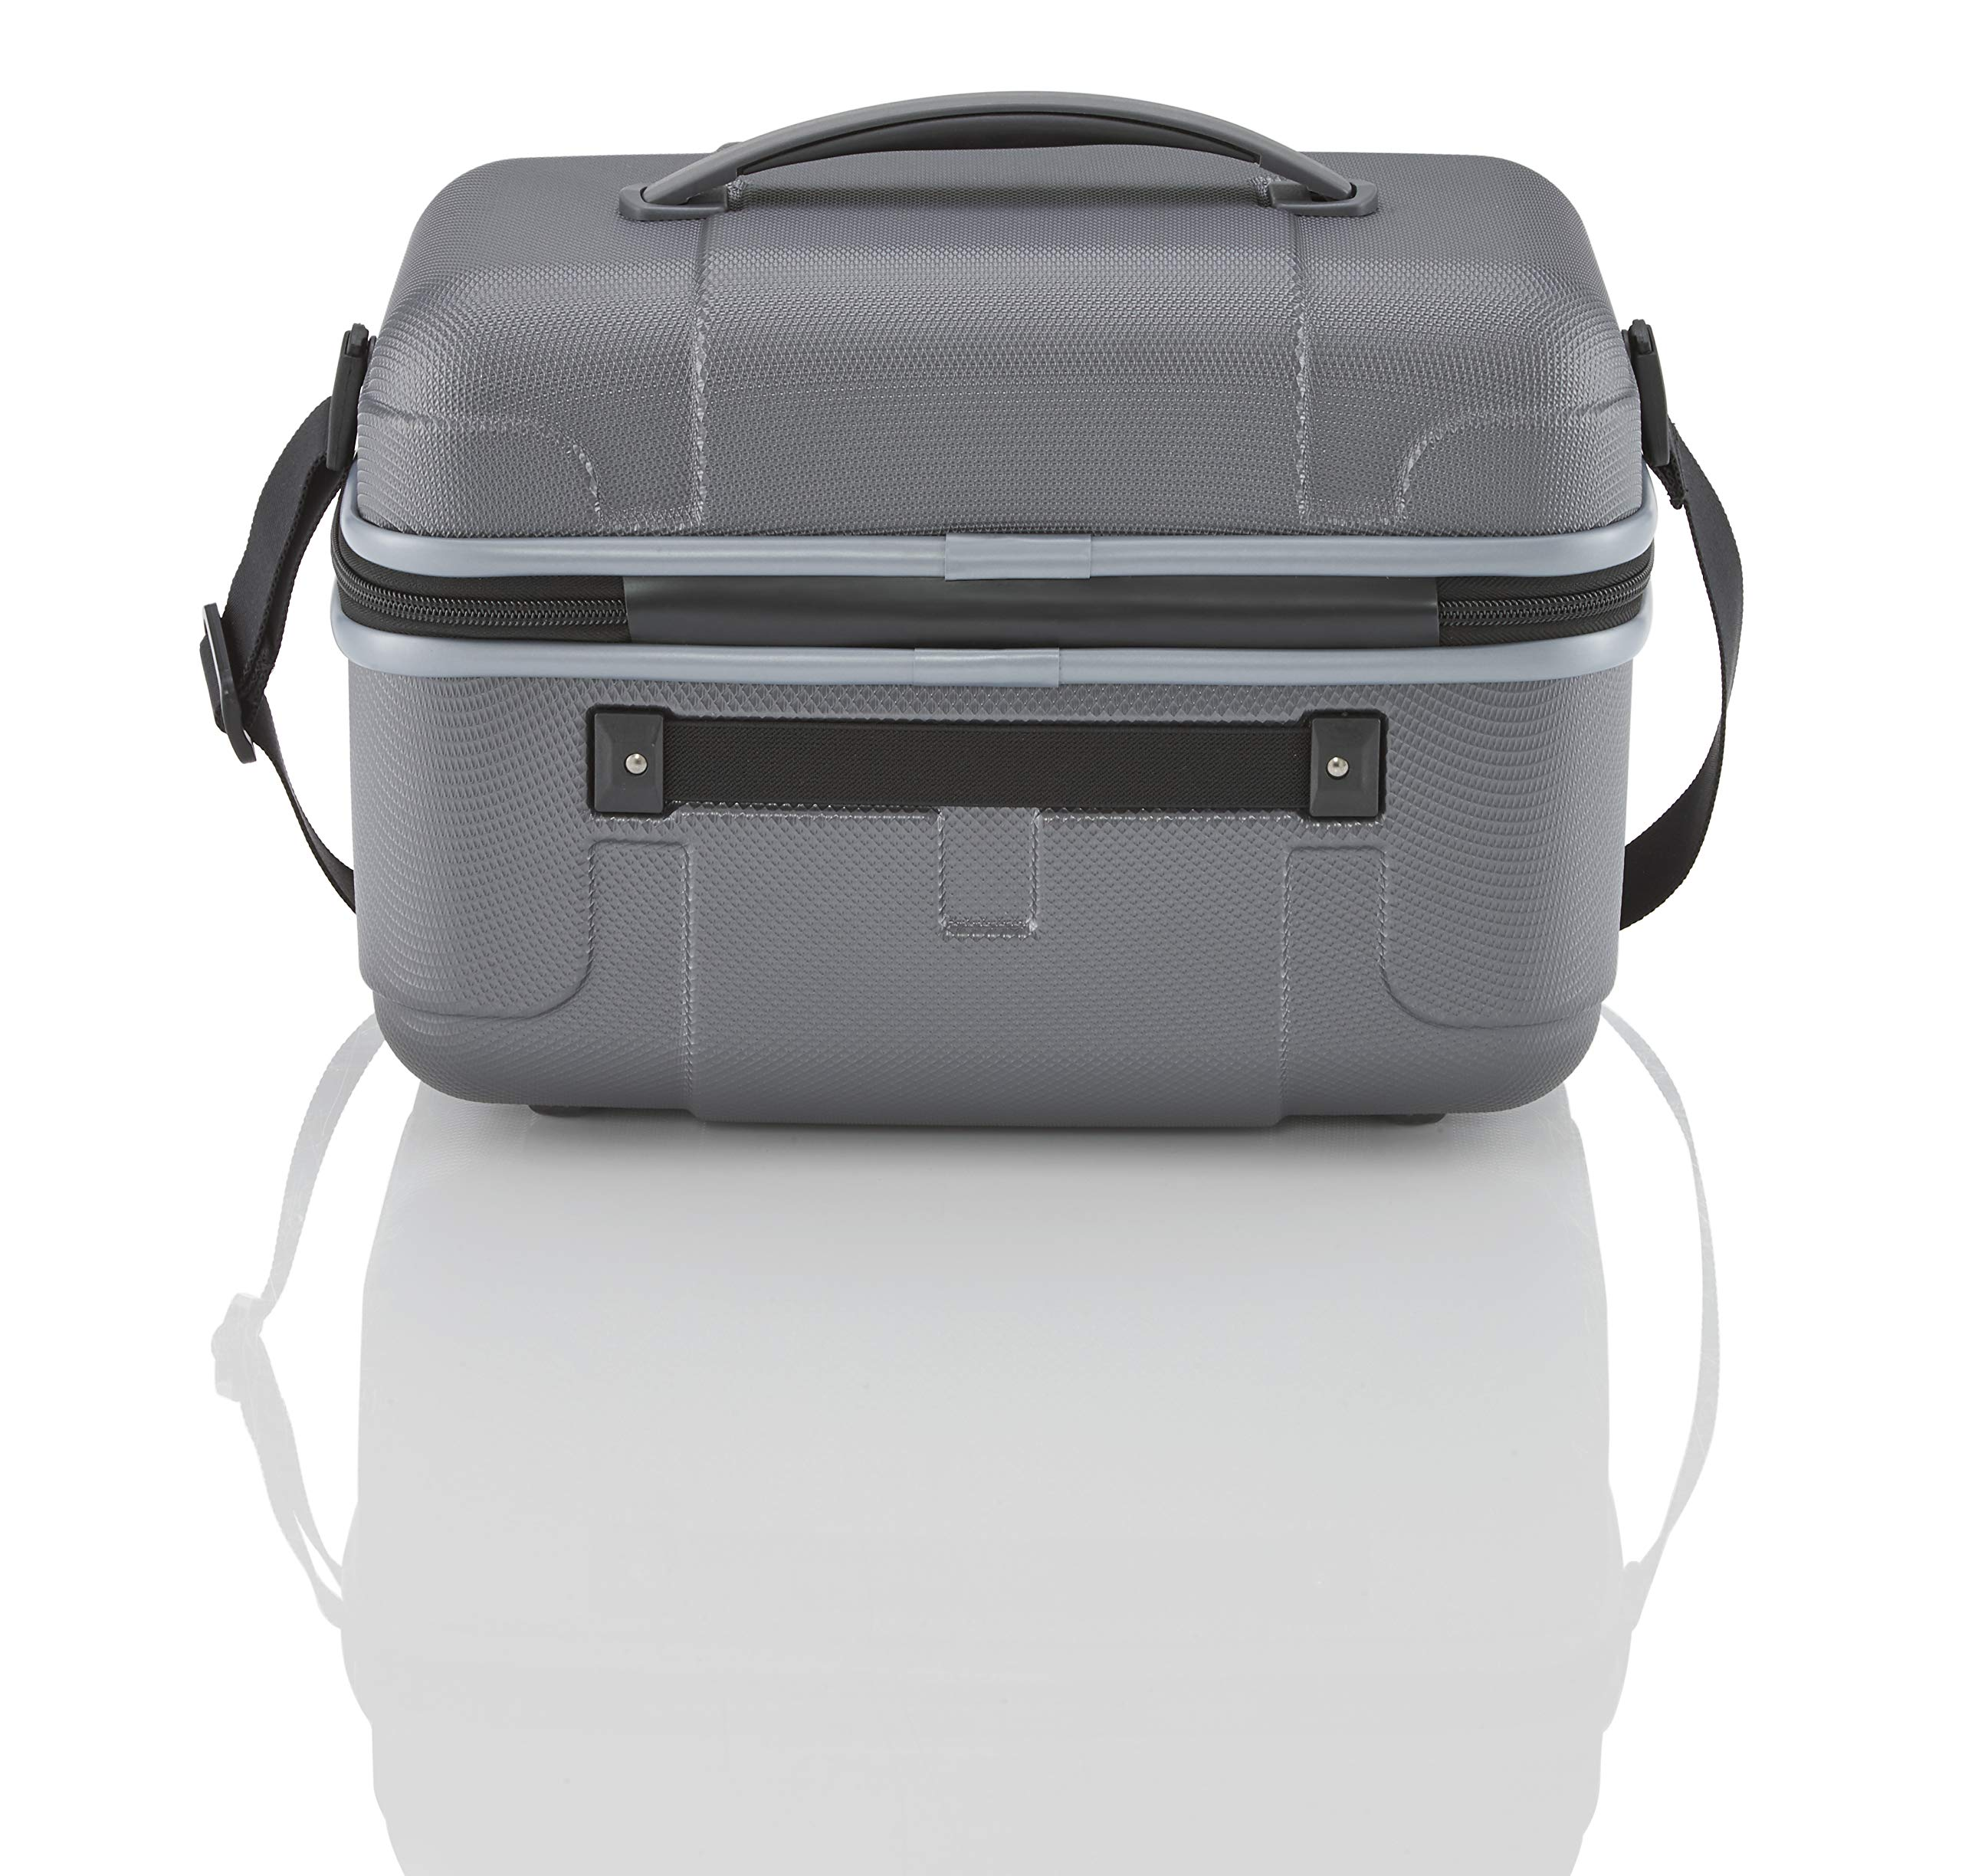 Travelite-Koffer-Serie-VECTOR-von-travelite-Robuste-Hartschalen-Trolleys-und-Beautycases-in-4-Trendfarben-Koffer